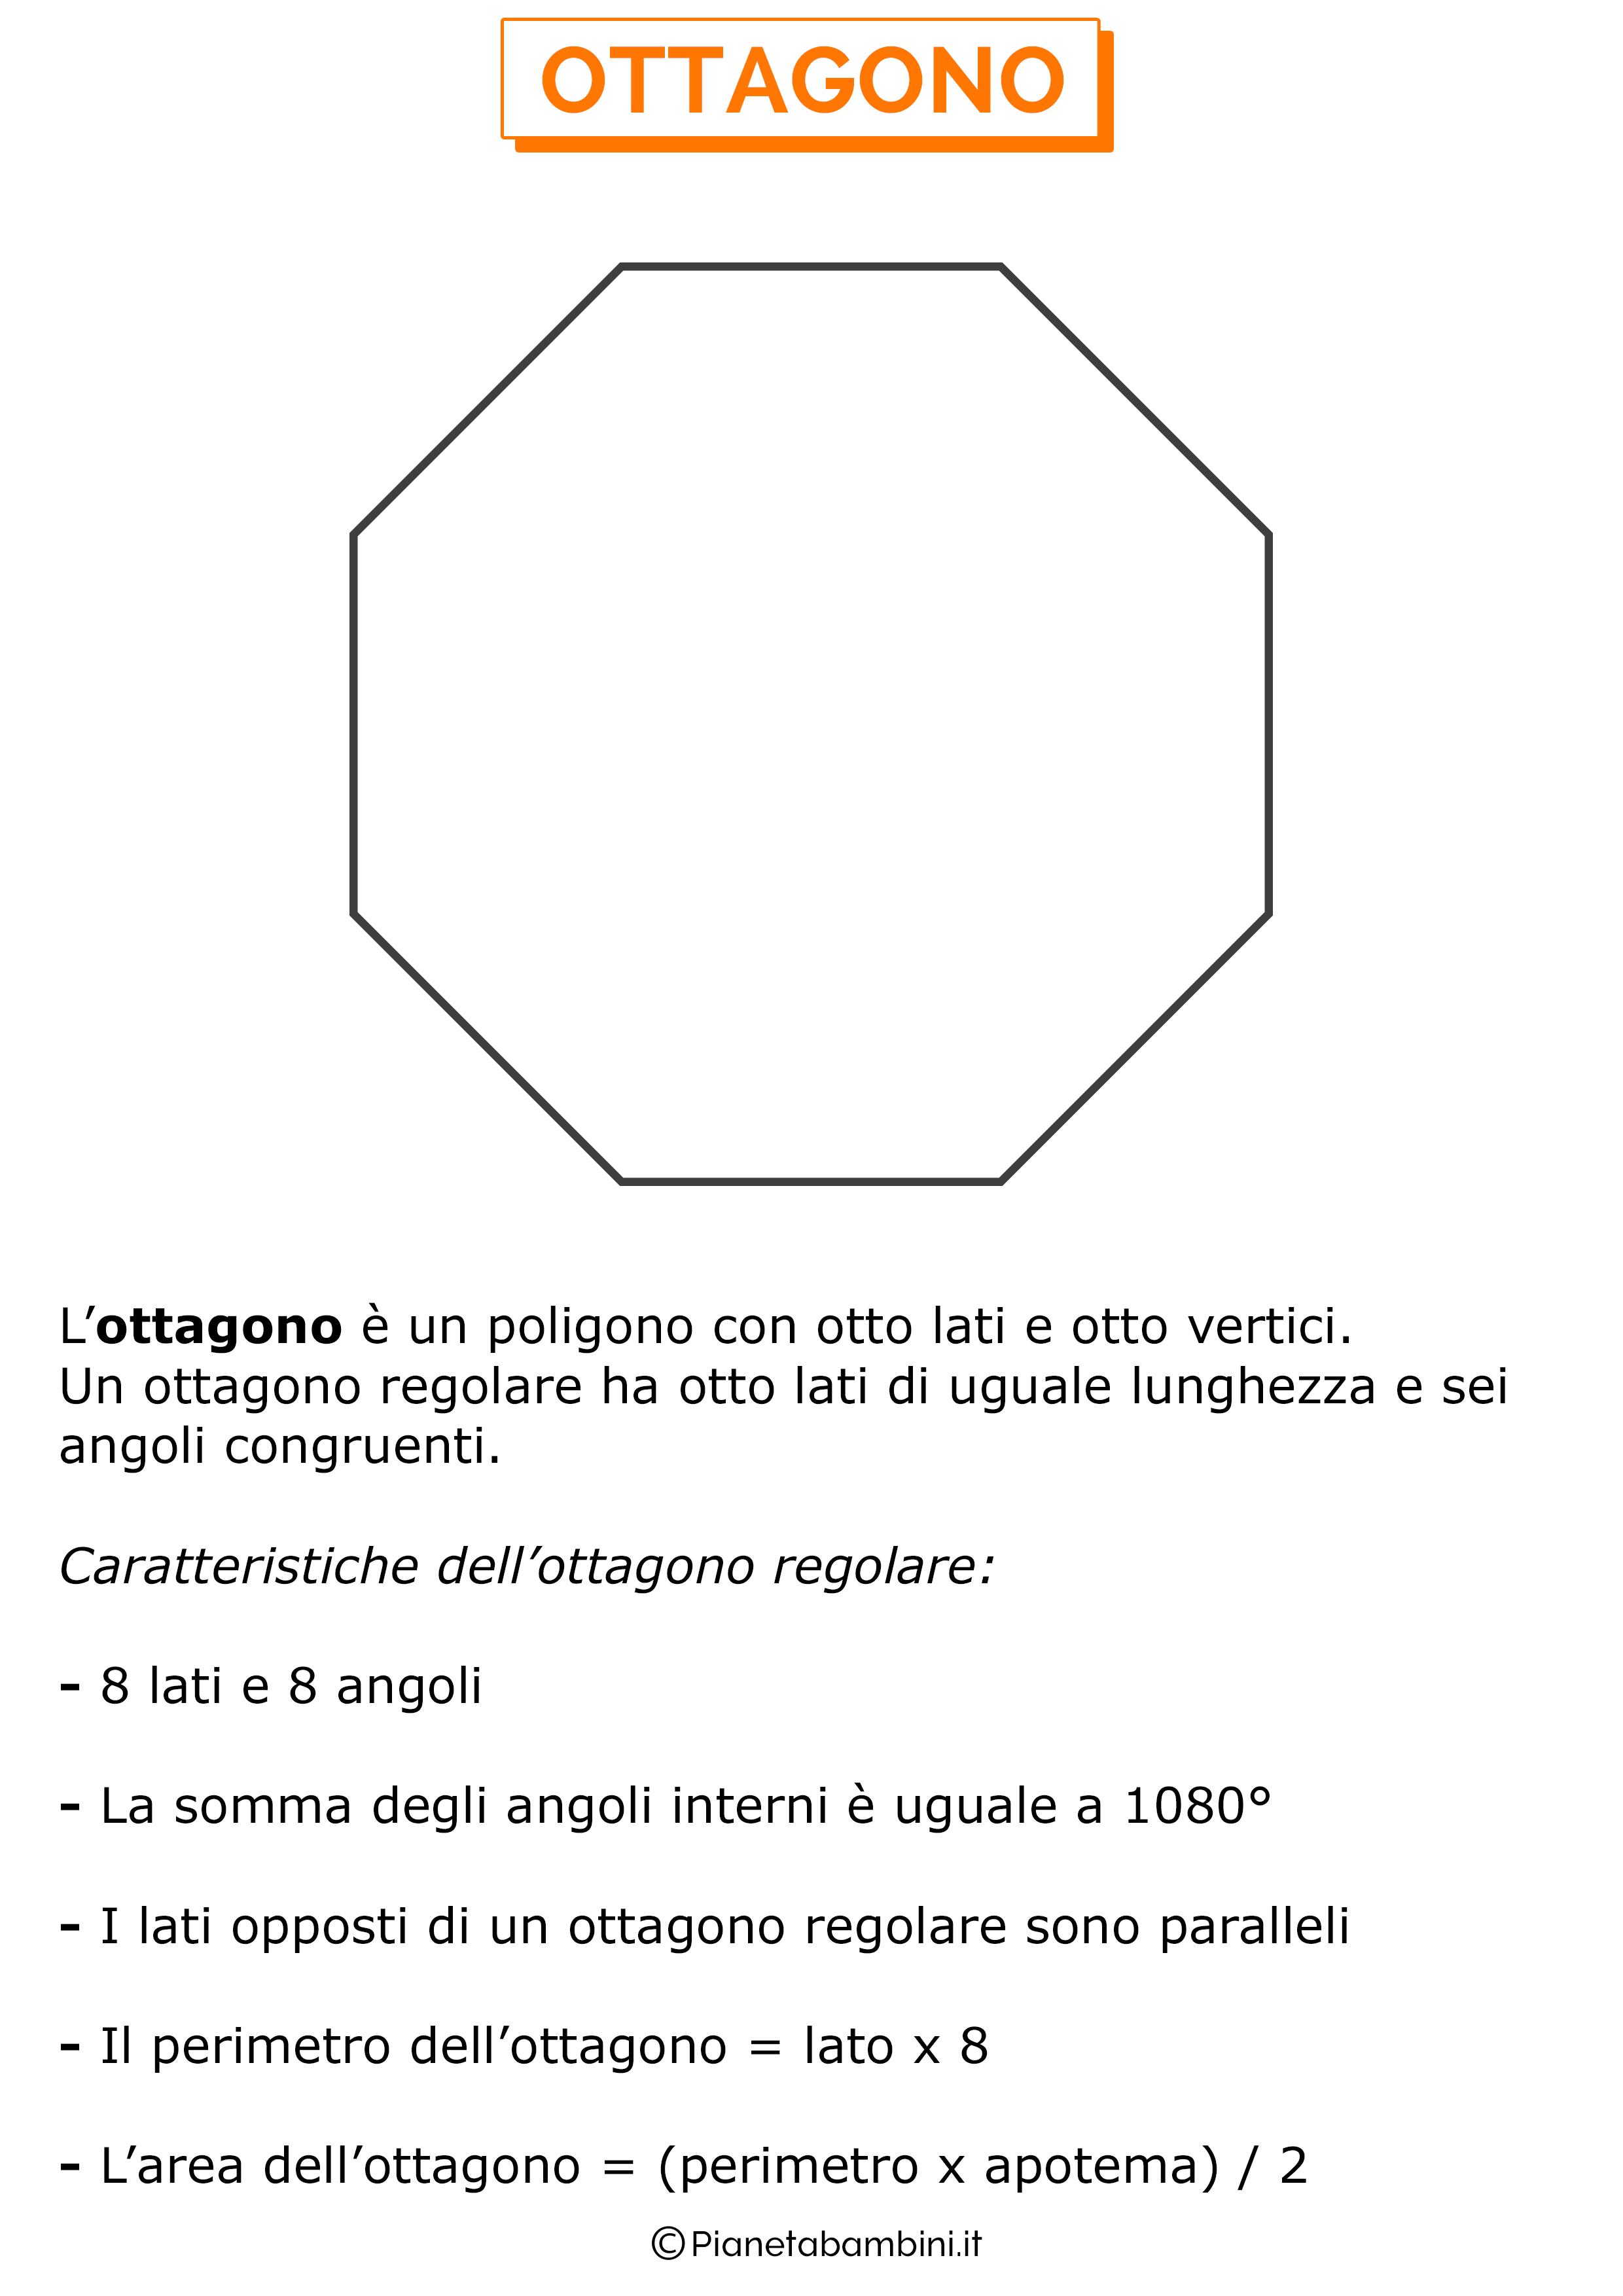 Caratteristiche dell'ottagono